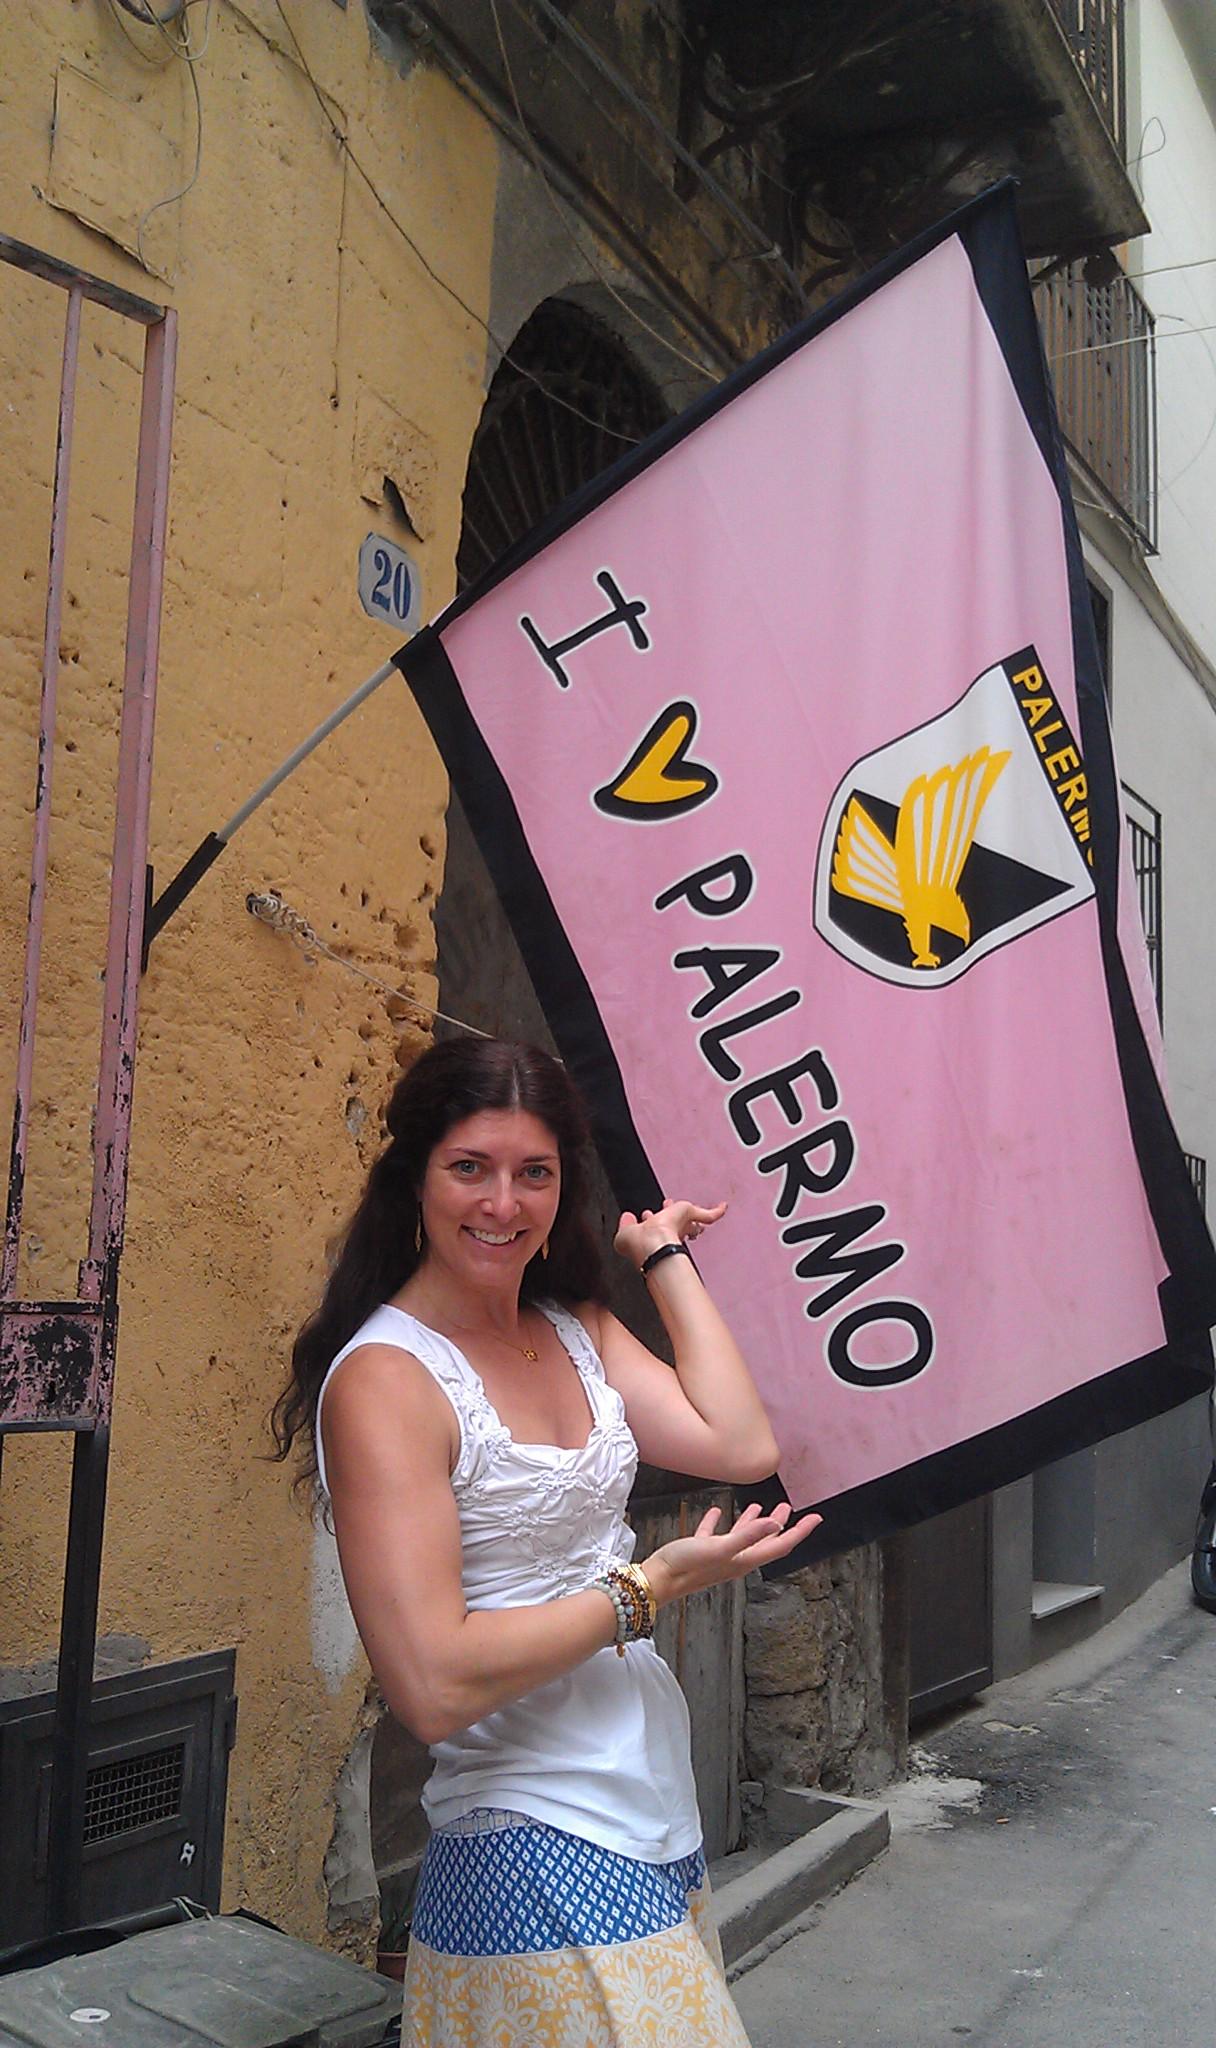 Allison-Scola-Palermo.jpg